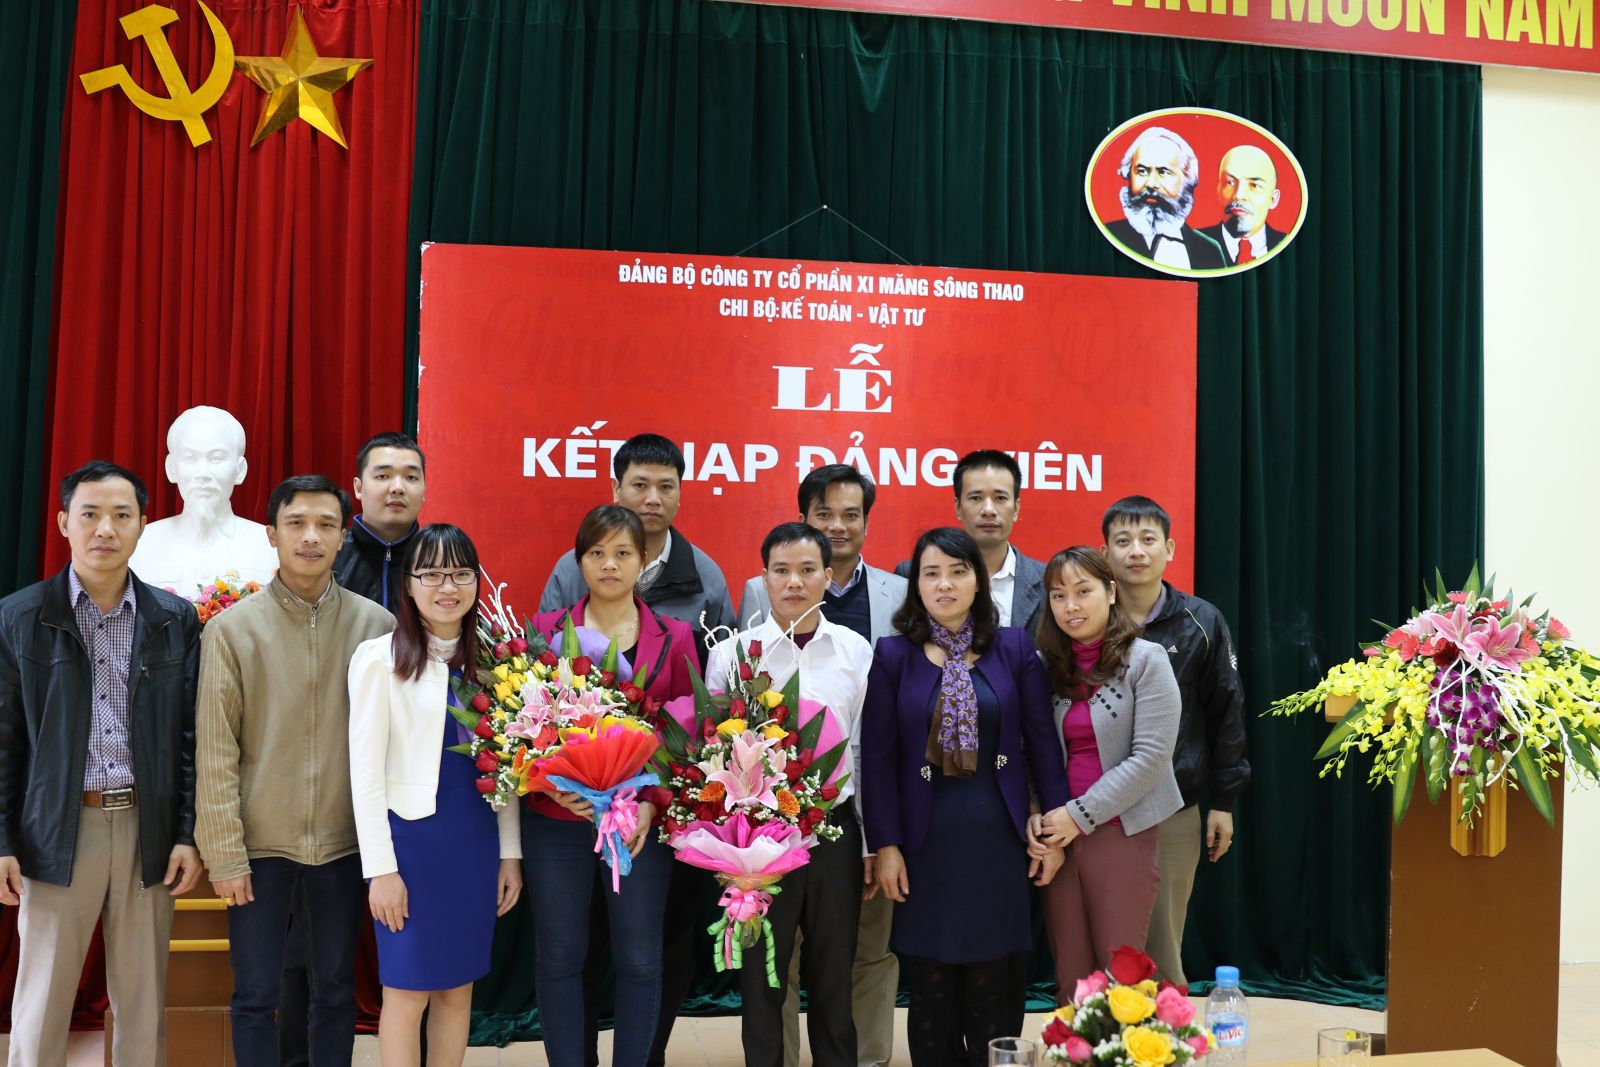 Các chi bộ tổ chức lễ kết nạp đảng viên mới